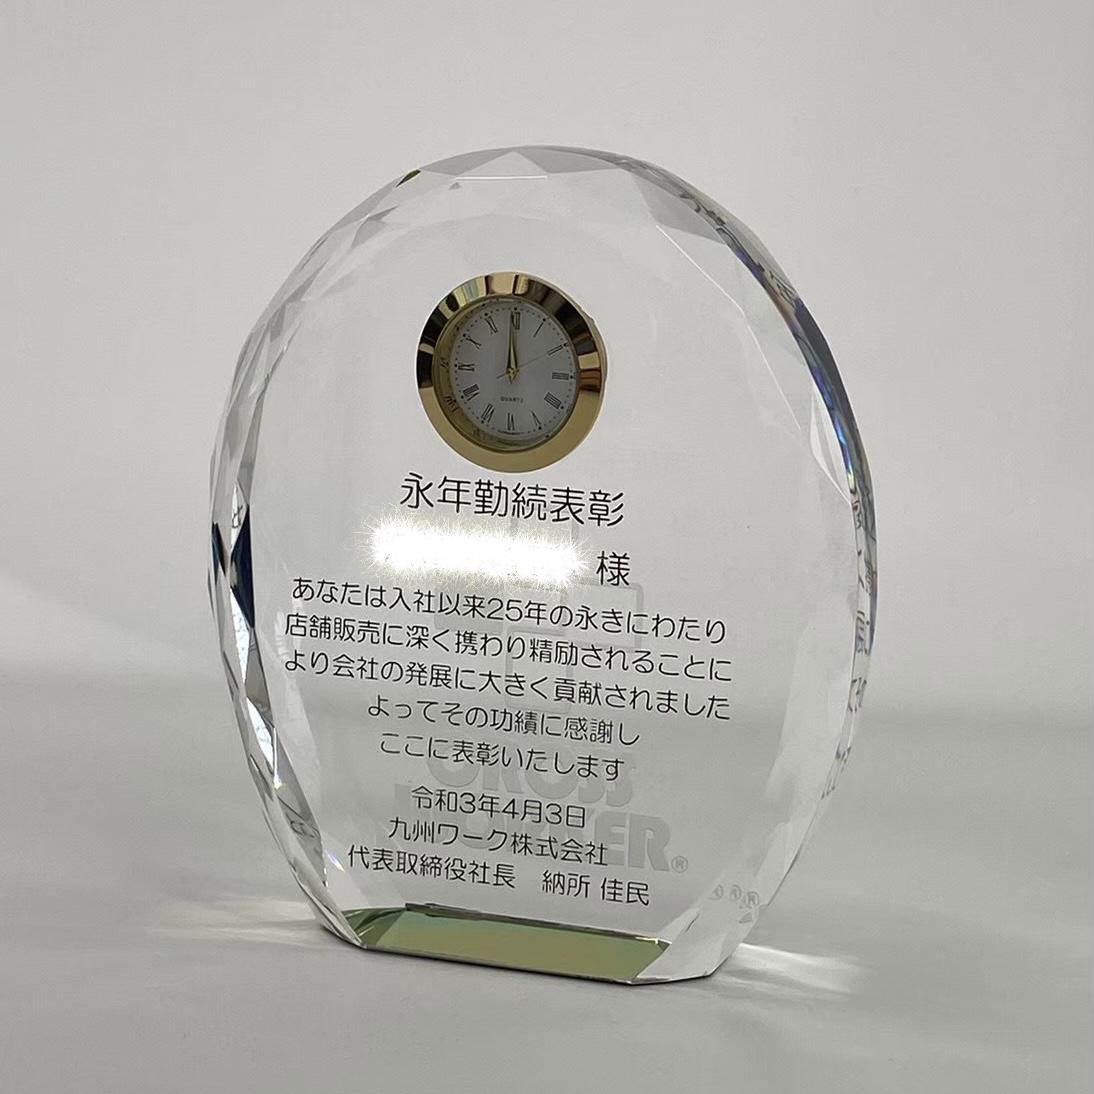 村上彫刻 商品事例 クリスタル クリスタル時計 時計 記念品